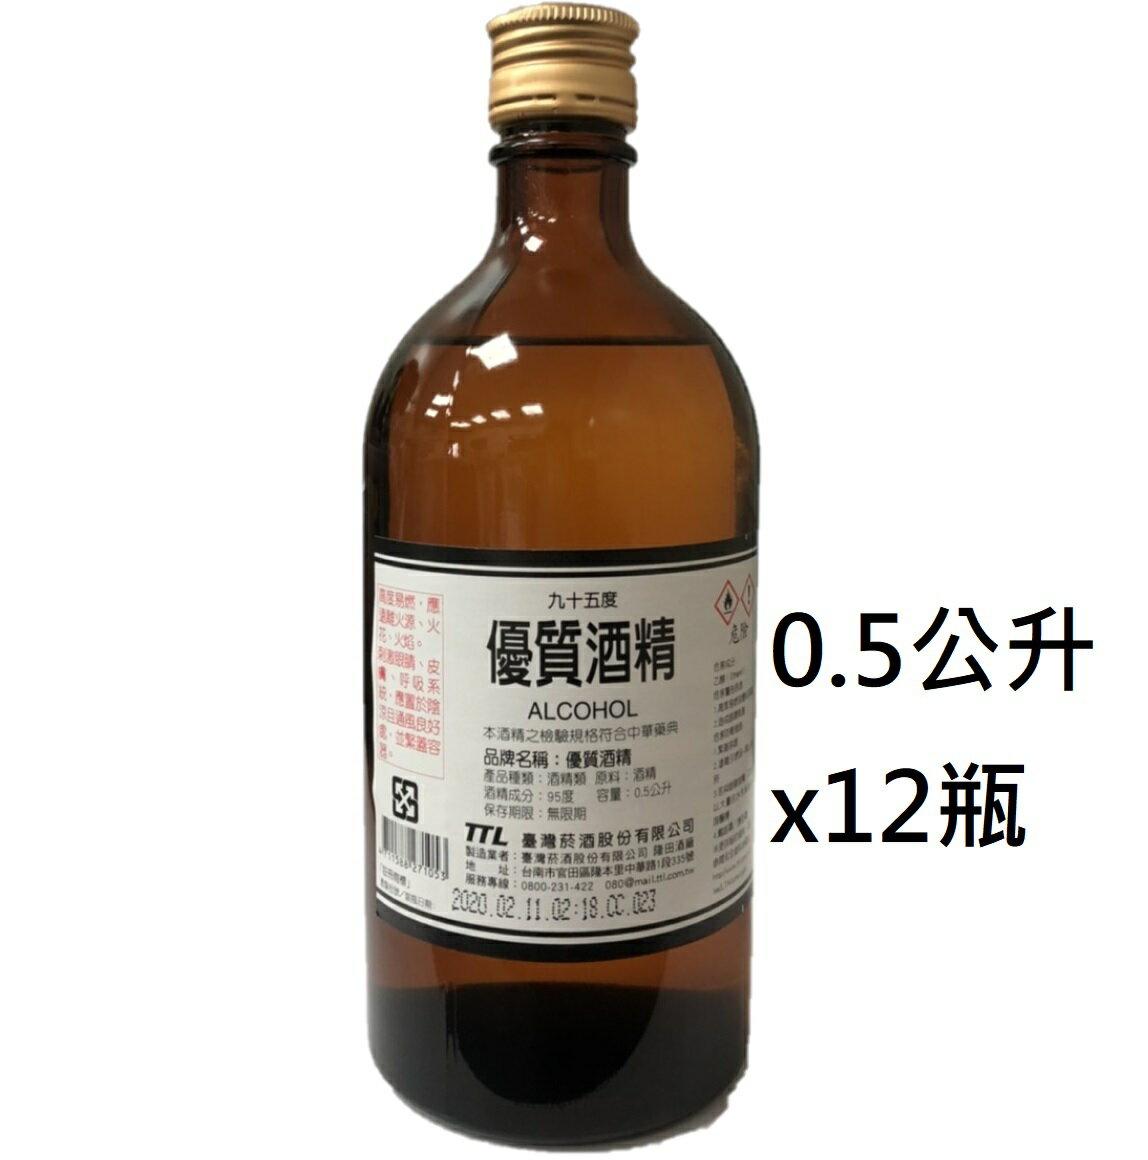 (現貨)酒清消毒器(1機/1酒精包500ml)(1機/2酒精包500ml/包)